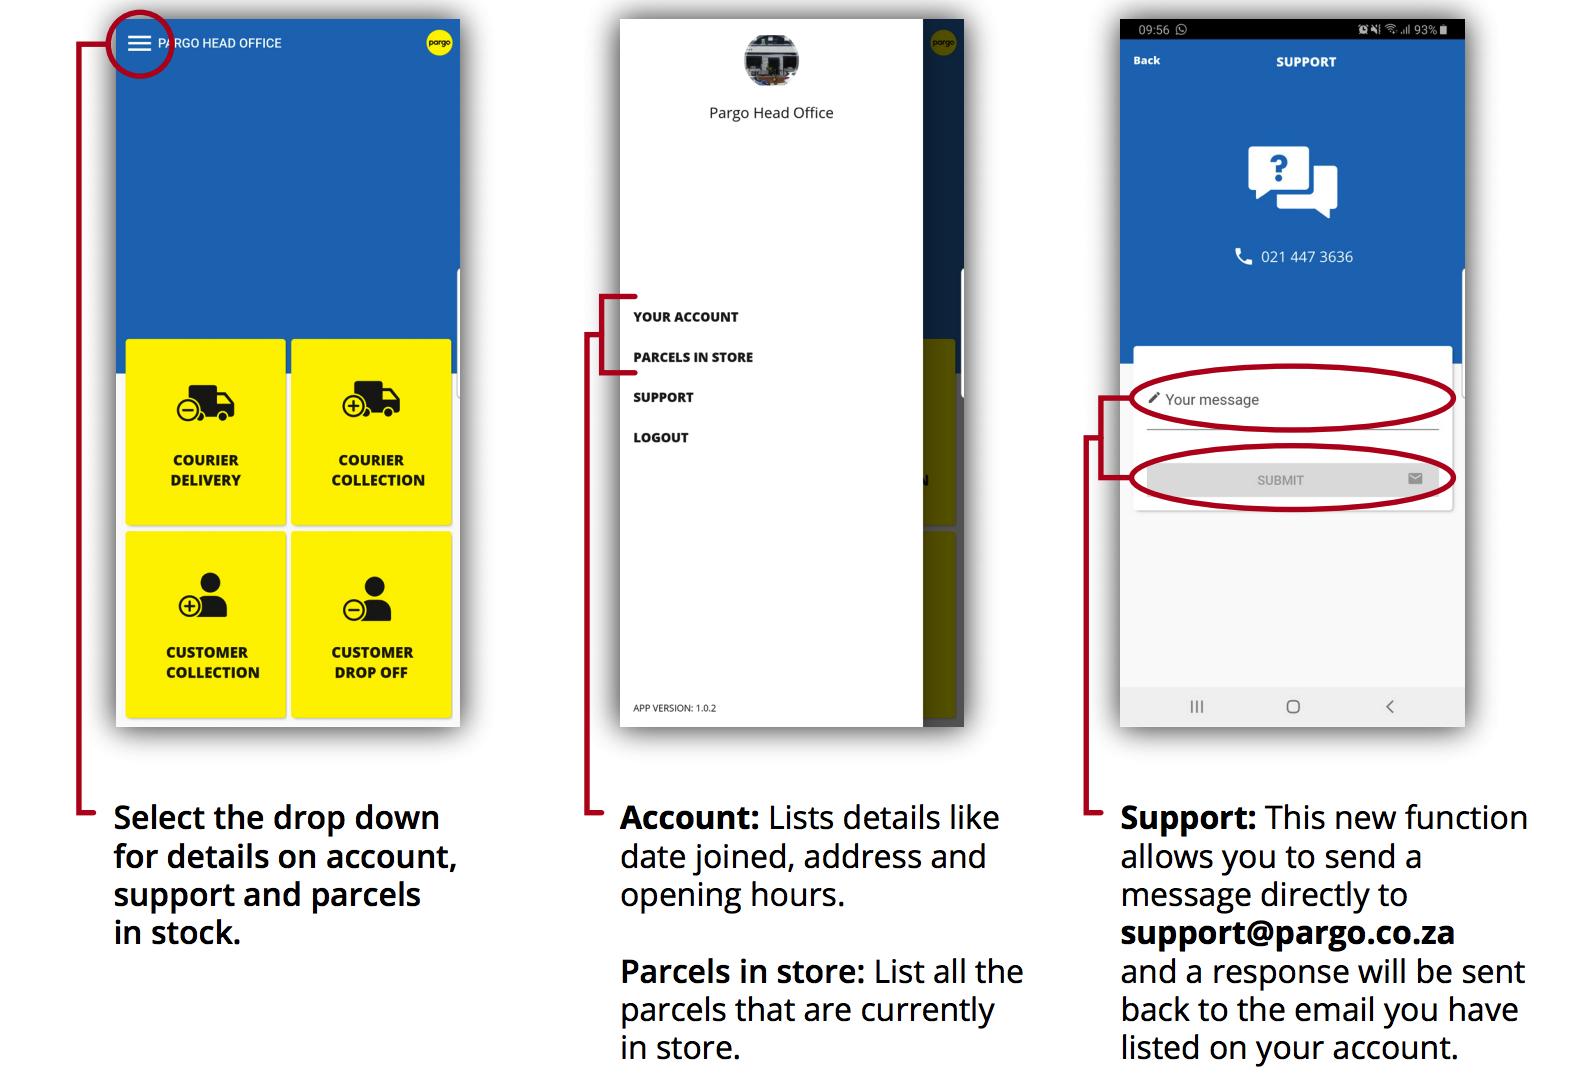 New Pargo App: How To Guide | Pargo